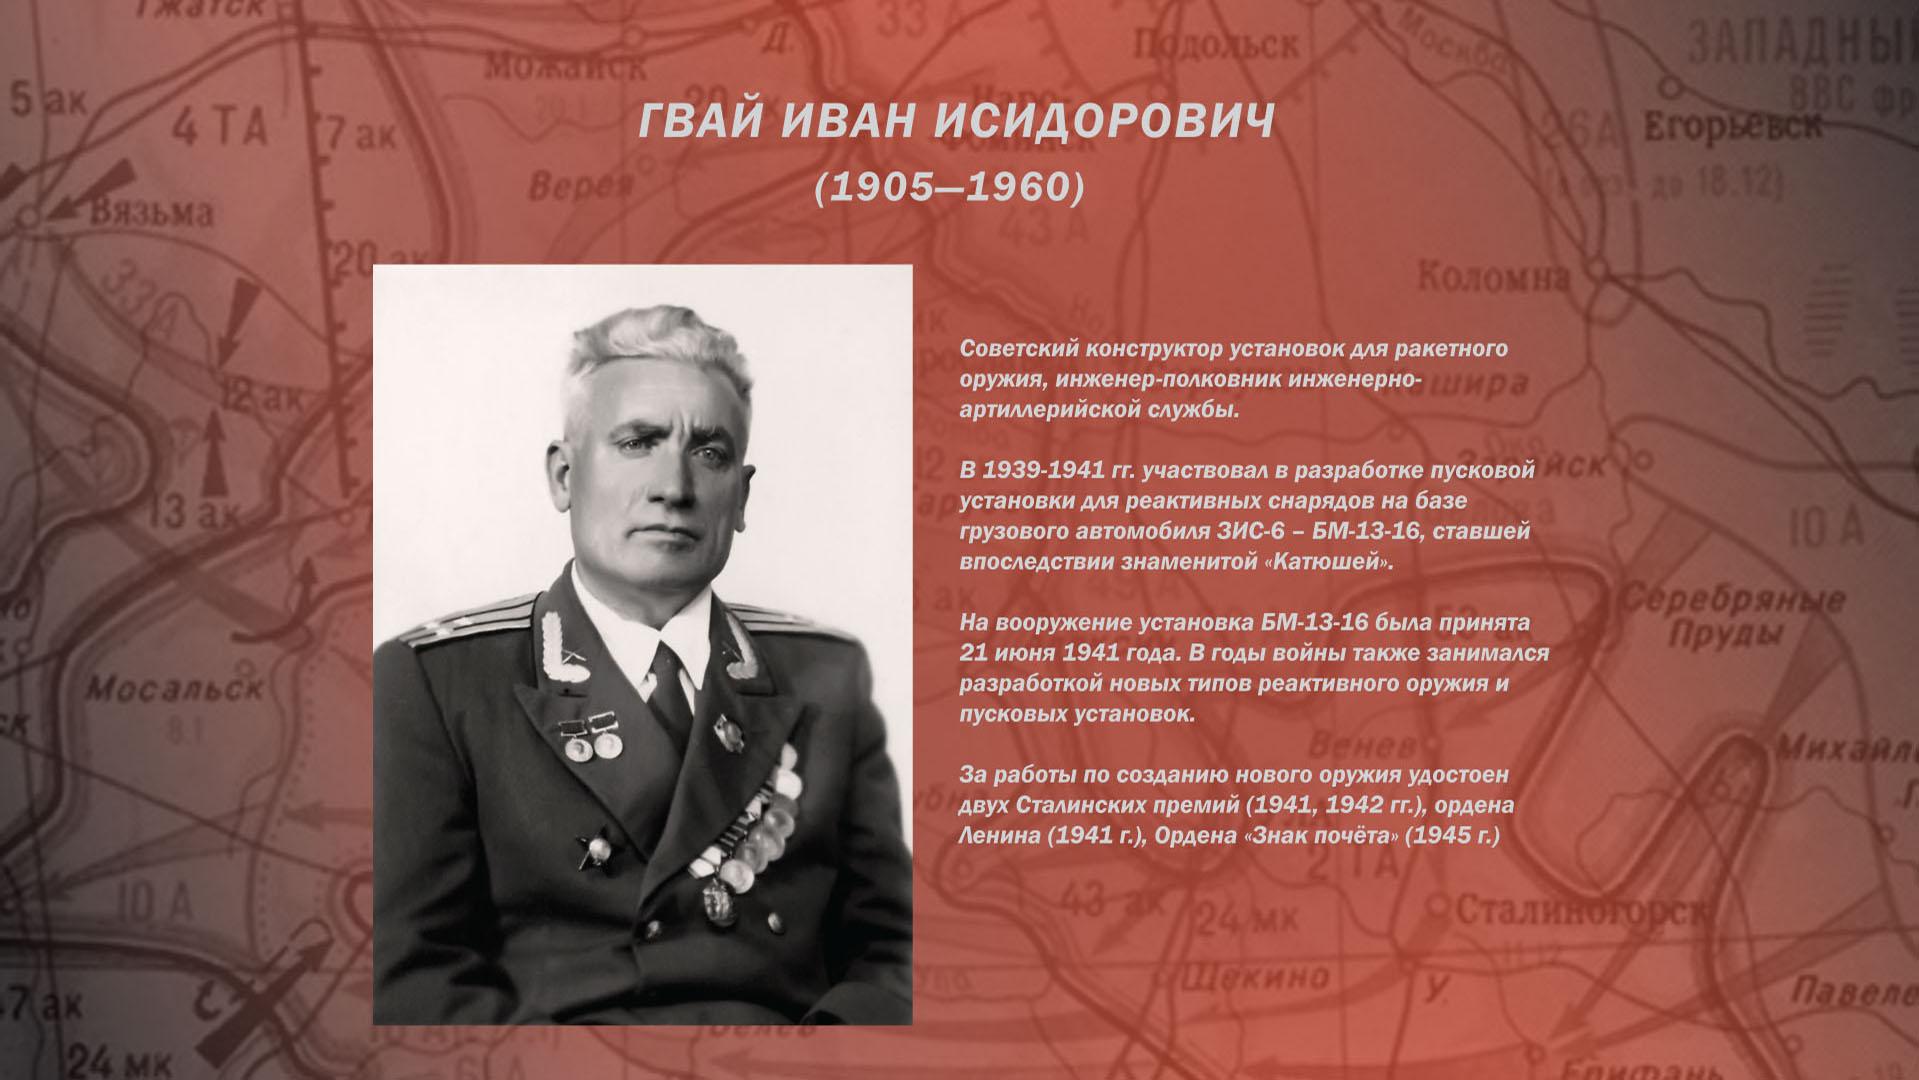 Гвай Иван Исидорович